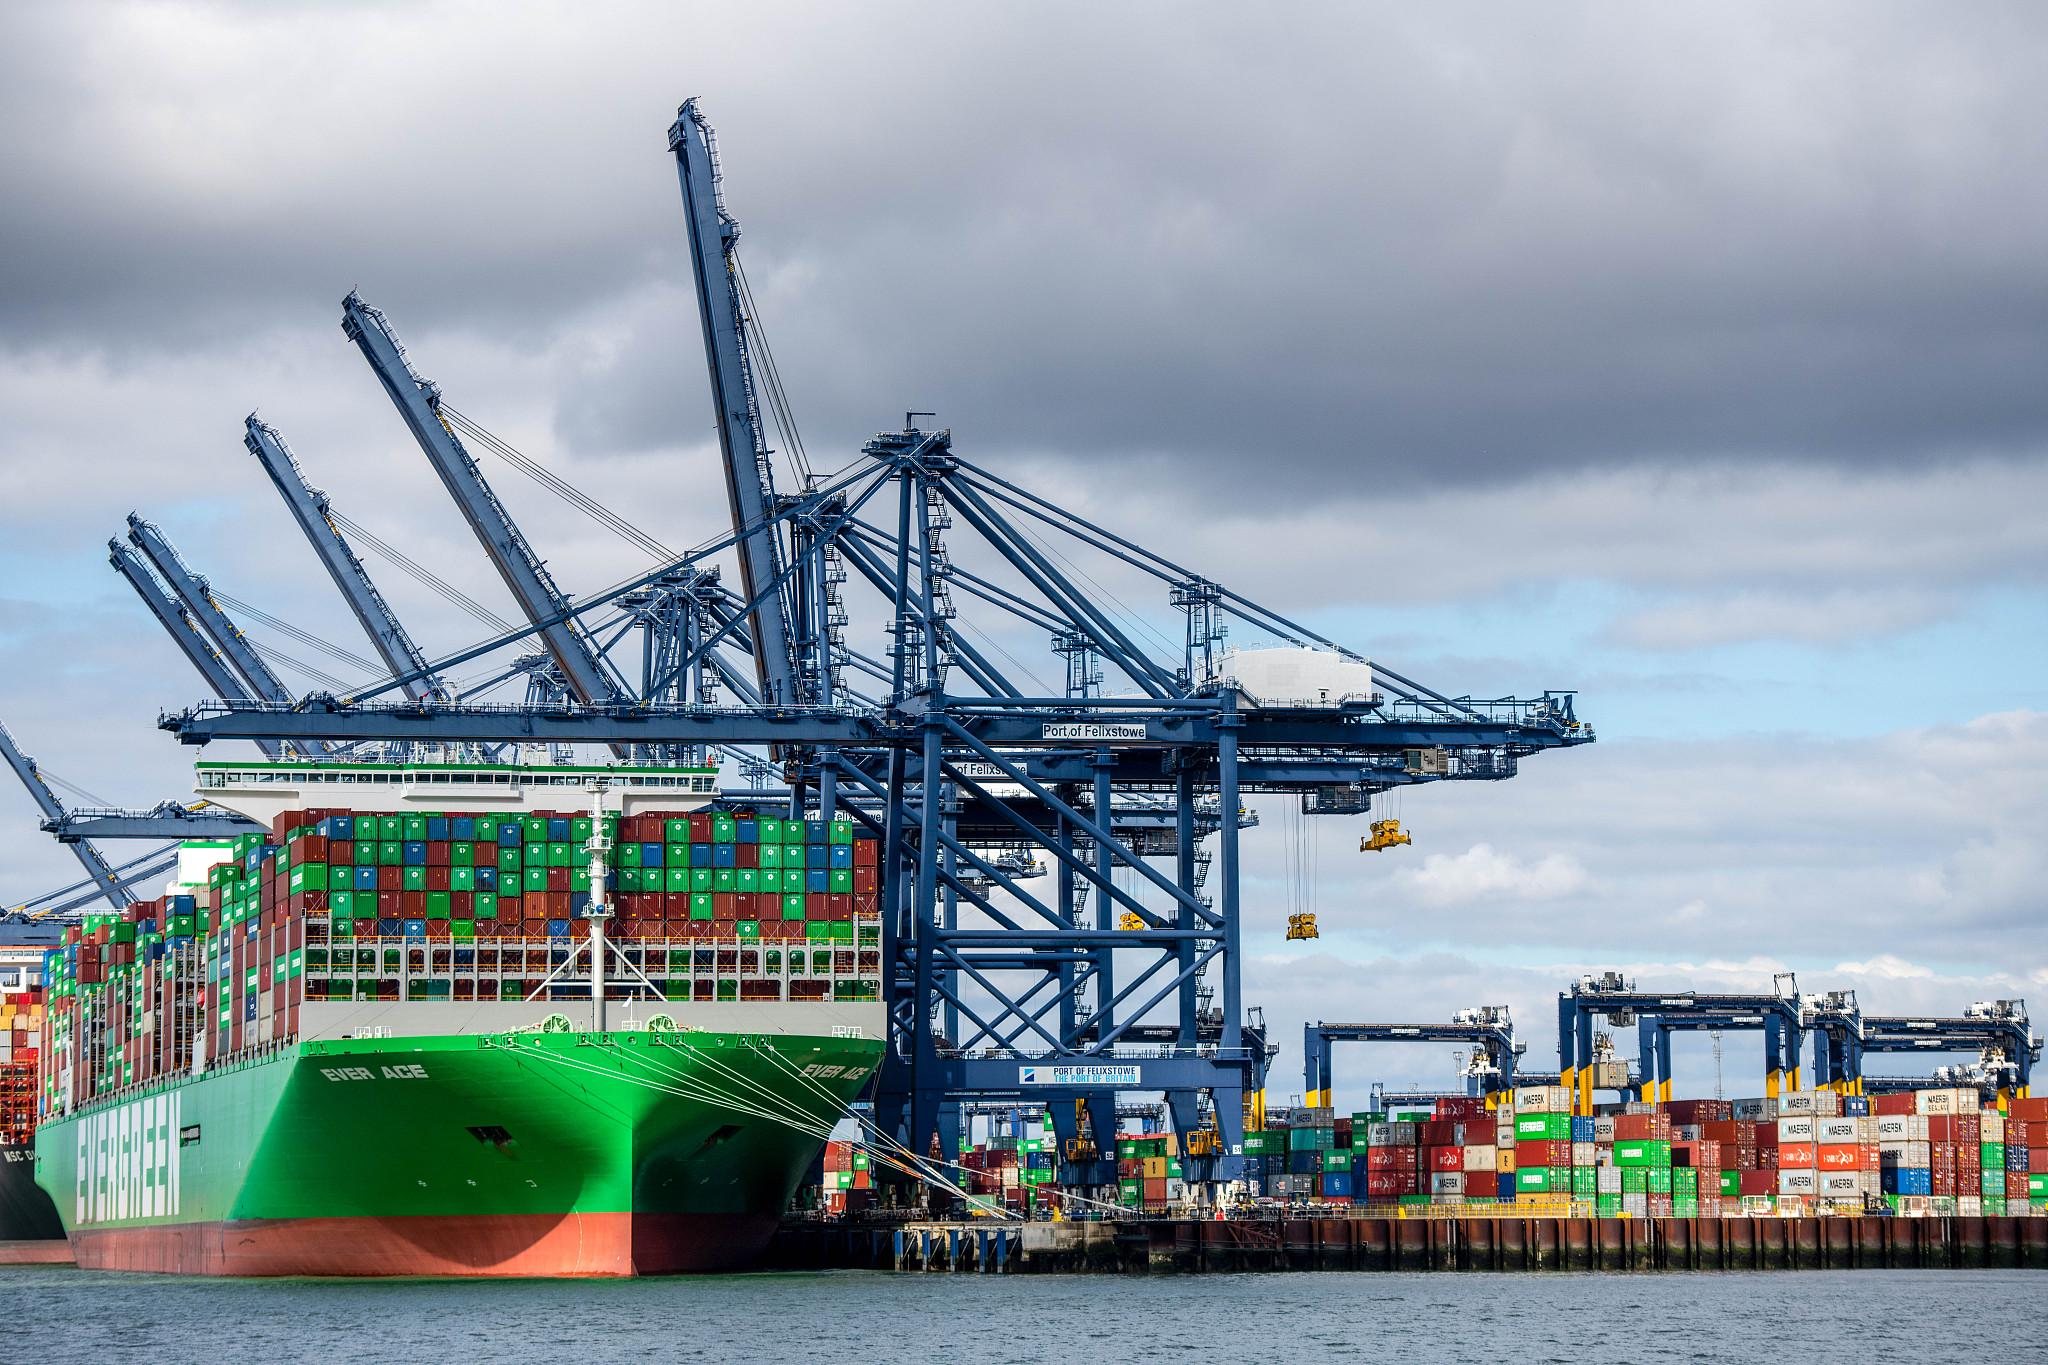 全球航运危机持续发酵   英国玩具抢购潮提早启动